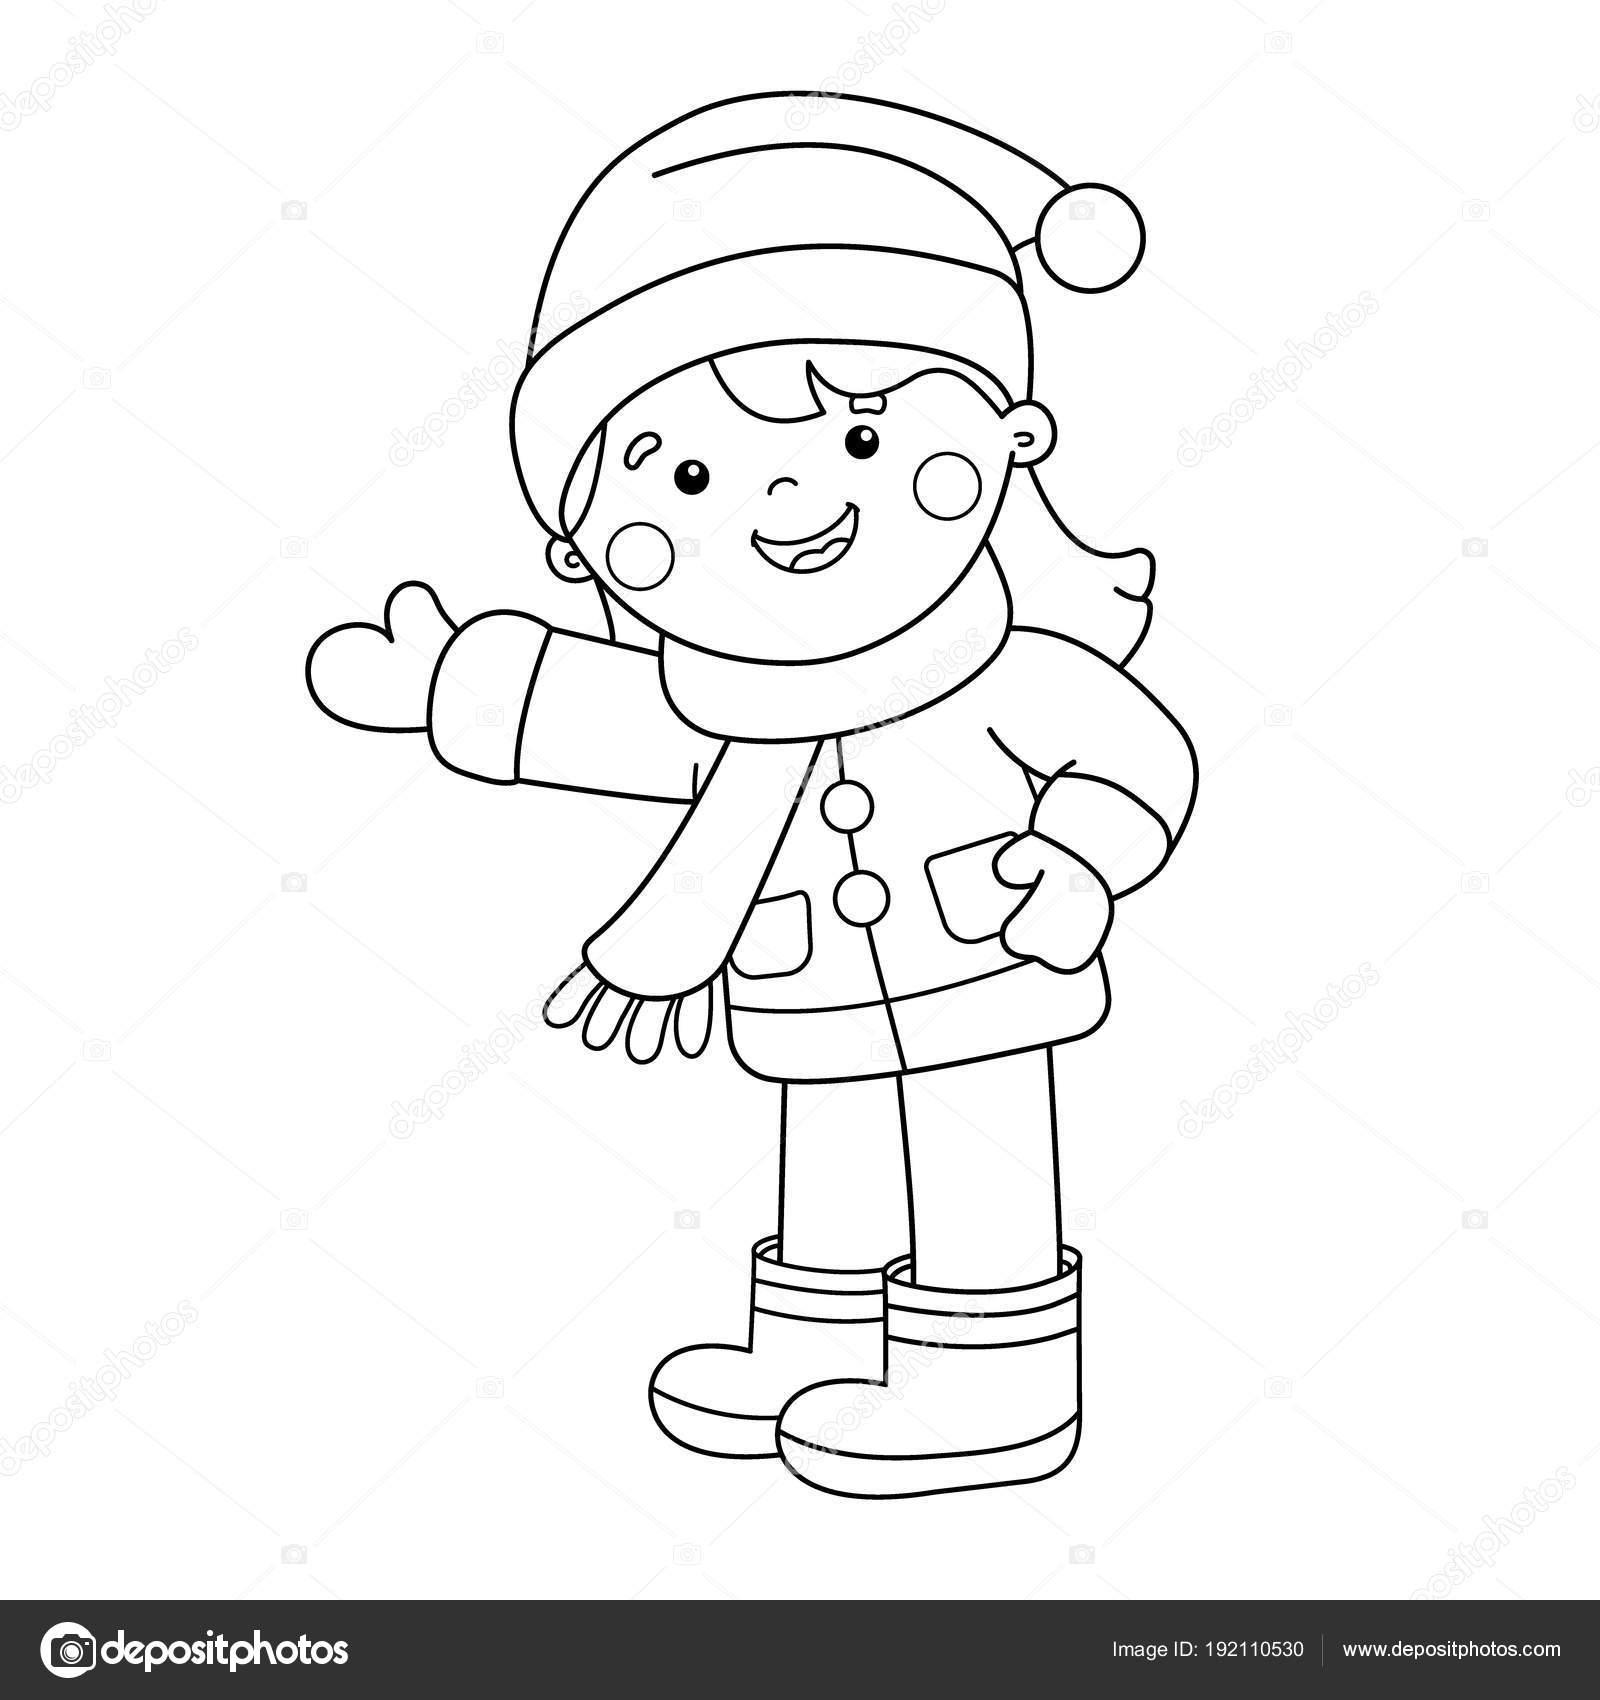 Sayfa Anahat Karikatür Kız Boyama Kış çocuklar Için Boyama Kitabı